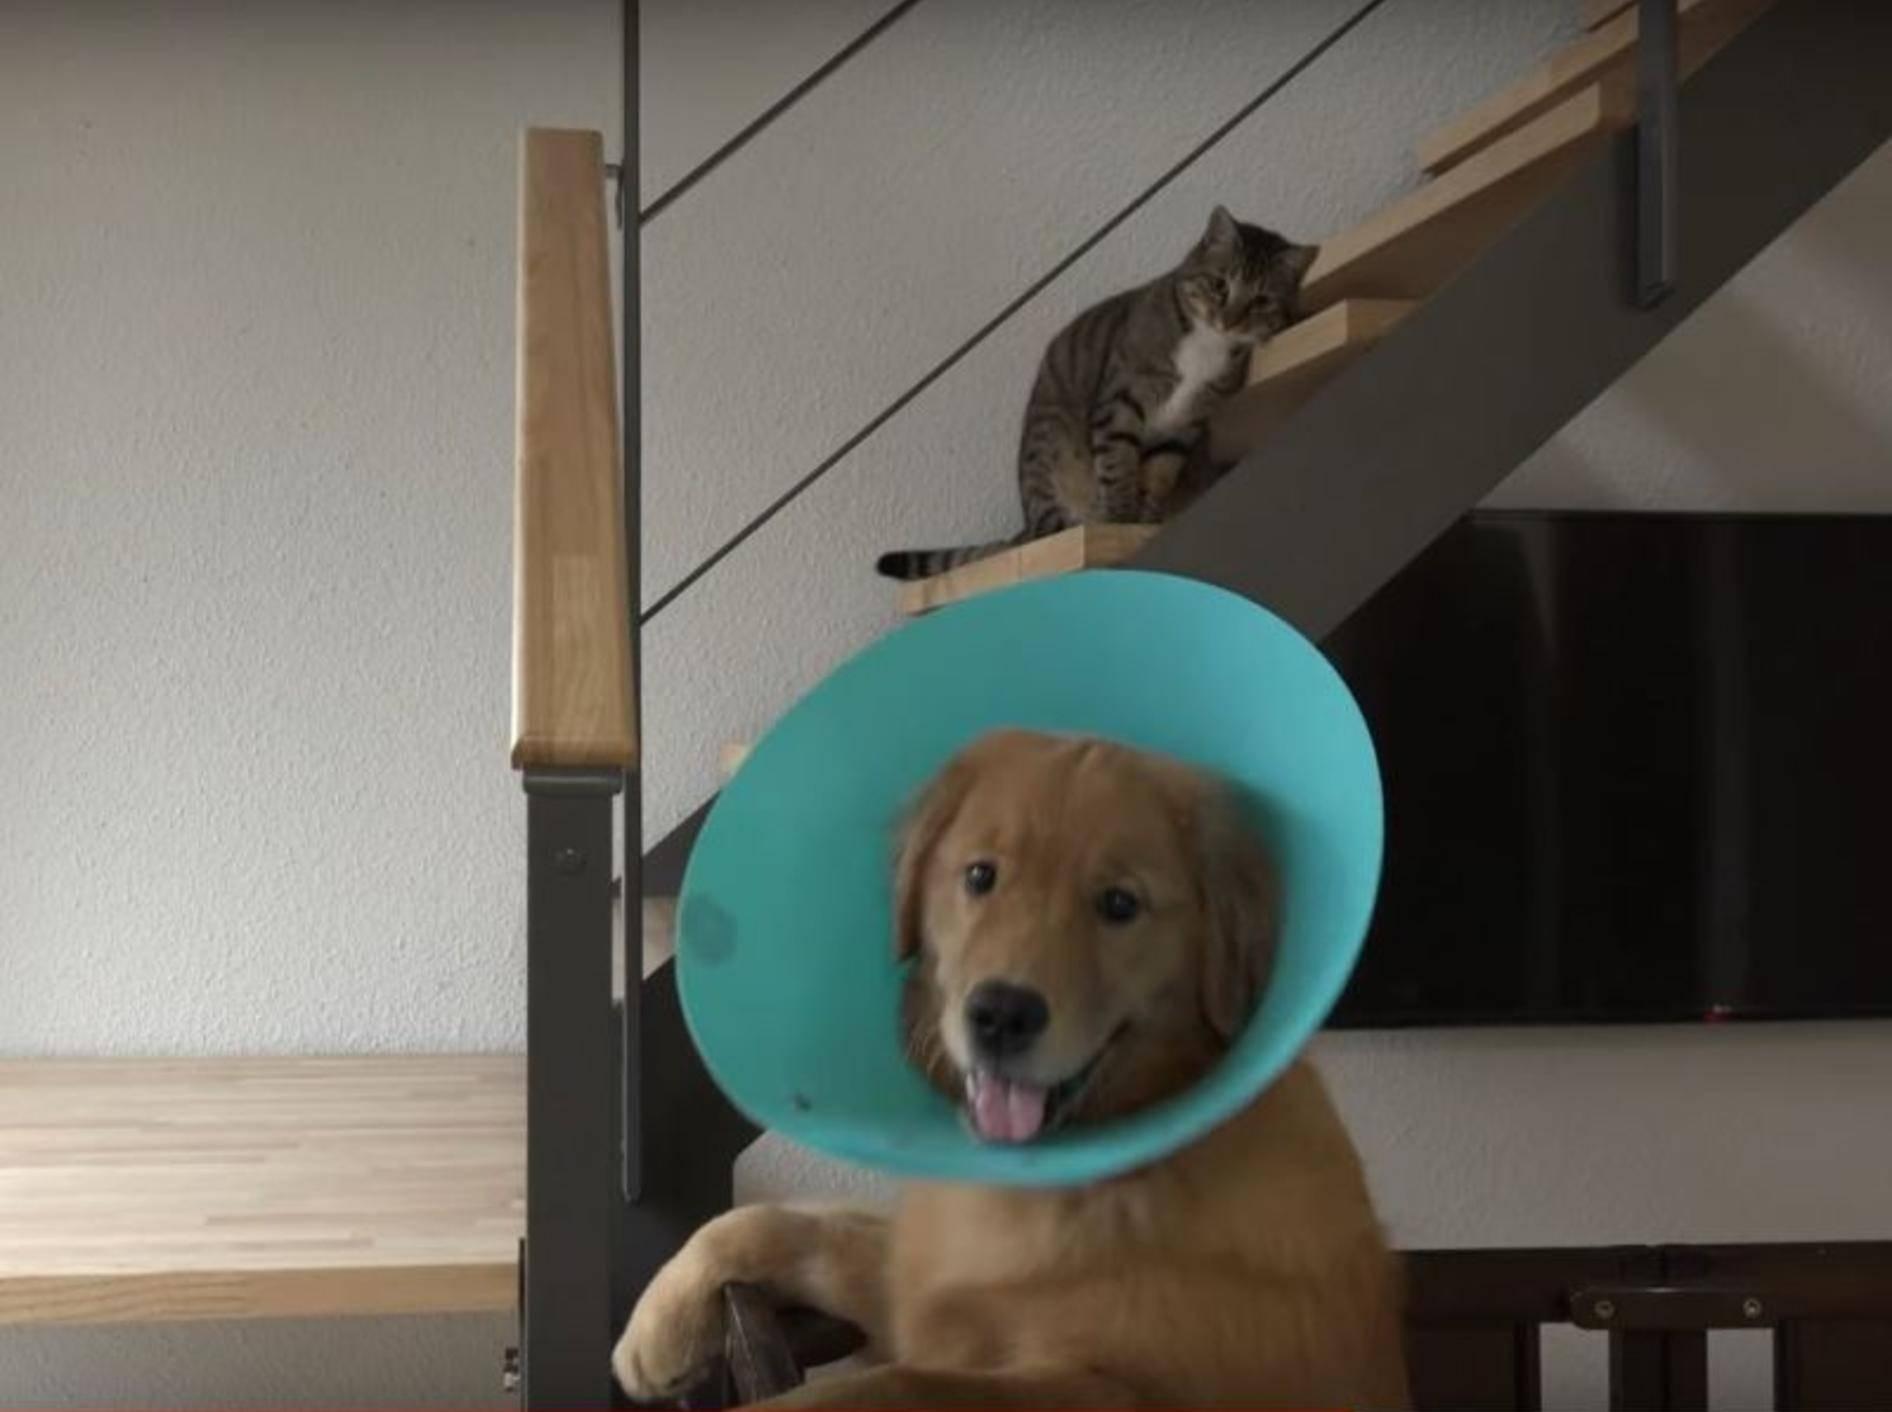 Golden Retriever Welpe Kuuta wurde kastriert und muss Halskrause tragen – YouTube / 10 Cats.+